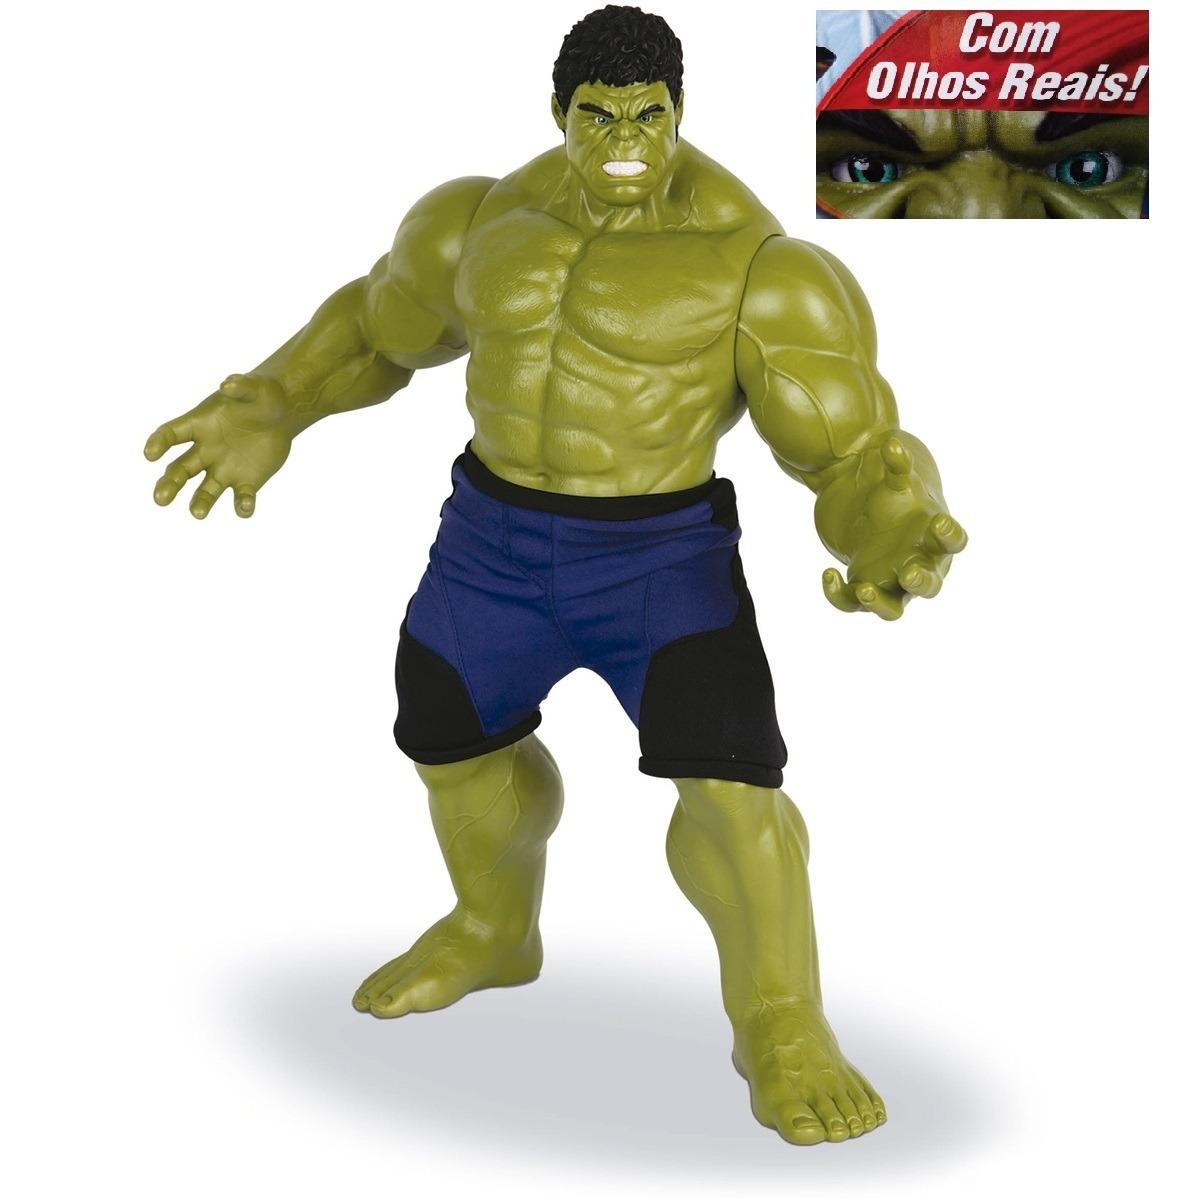 boneco hulk verde com olhos reais gigante mimo - marvel. Carregando zoom. 1f6383286fd